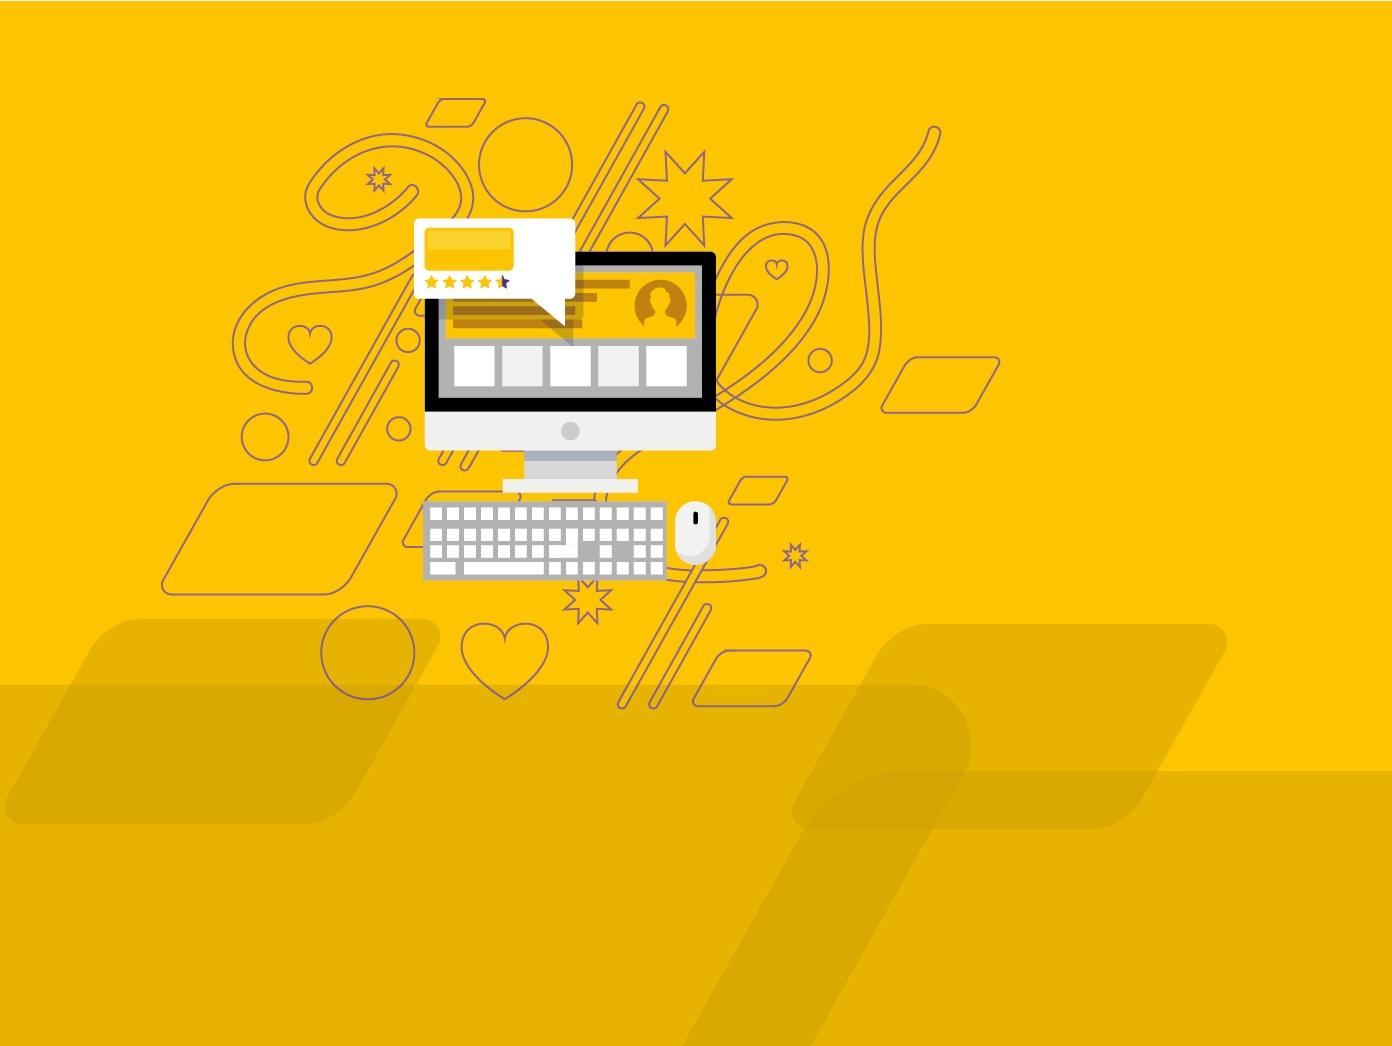 Content Marketing - ¿Mis redes sociales necesitan ayuda?Desarrollamos tu content marketing con nuestra metodología aplicada al marketing de contenidos inteligentes.